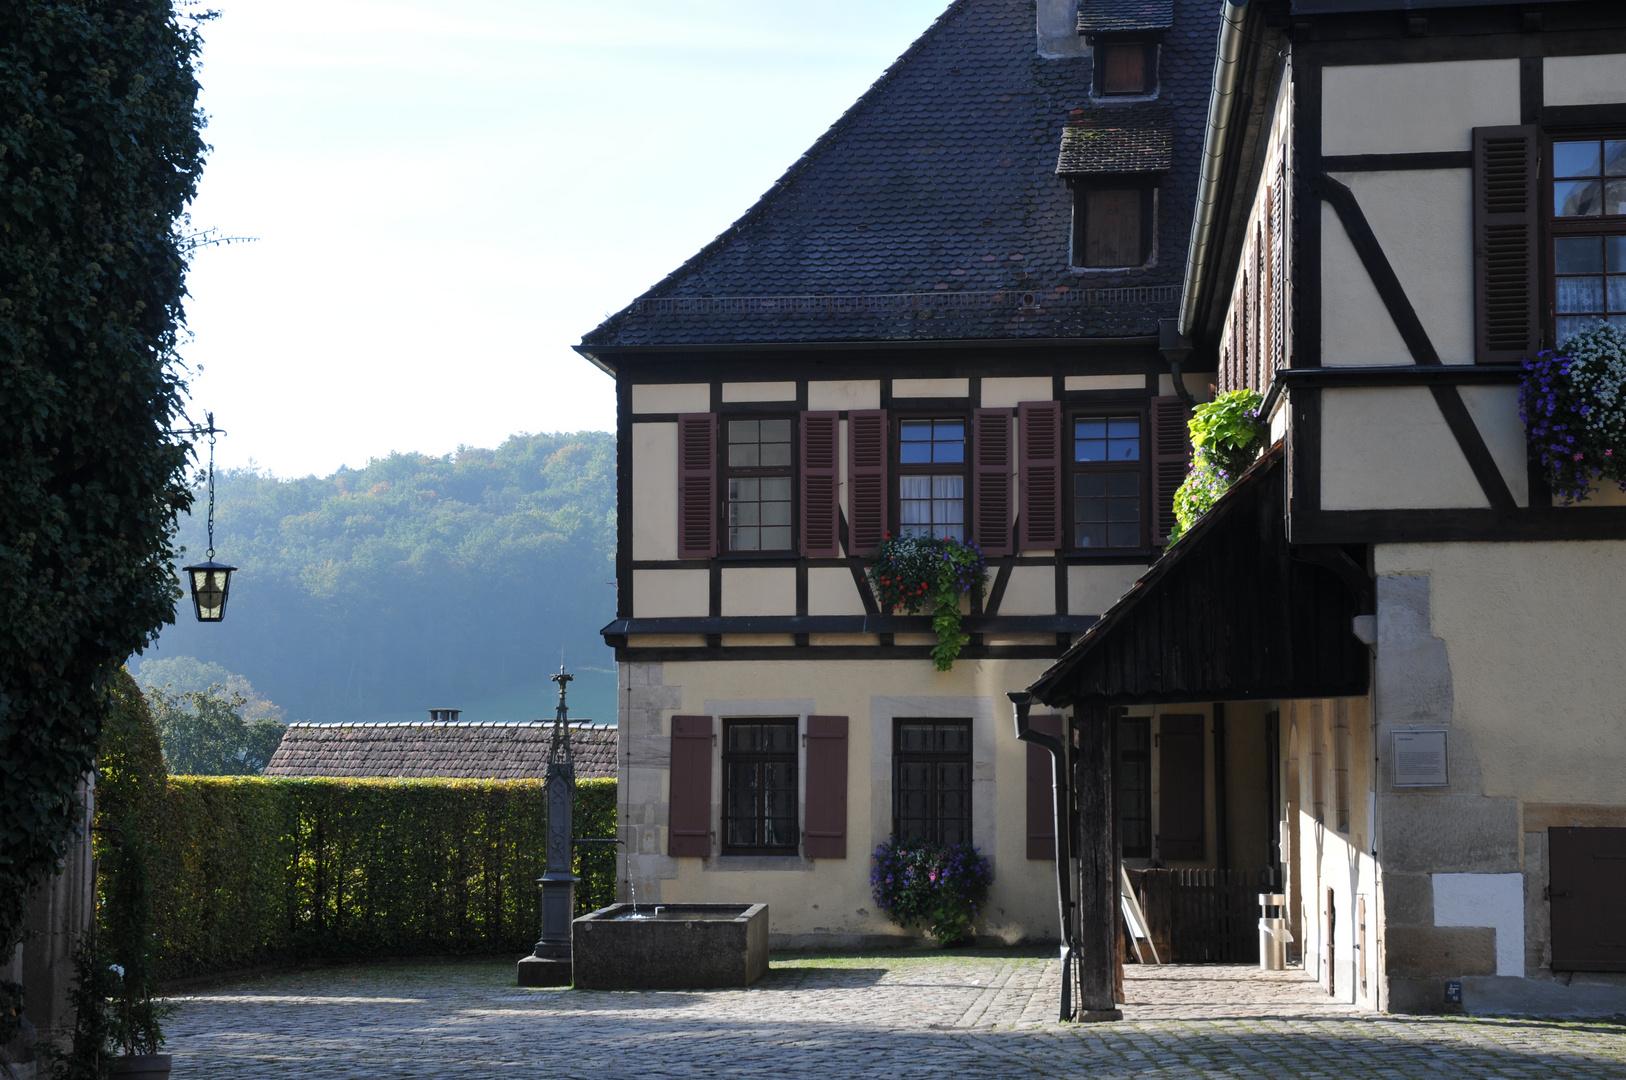 Kloster Bebenhausen bei Tübingen 4/5